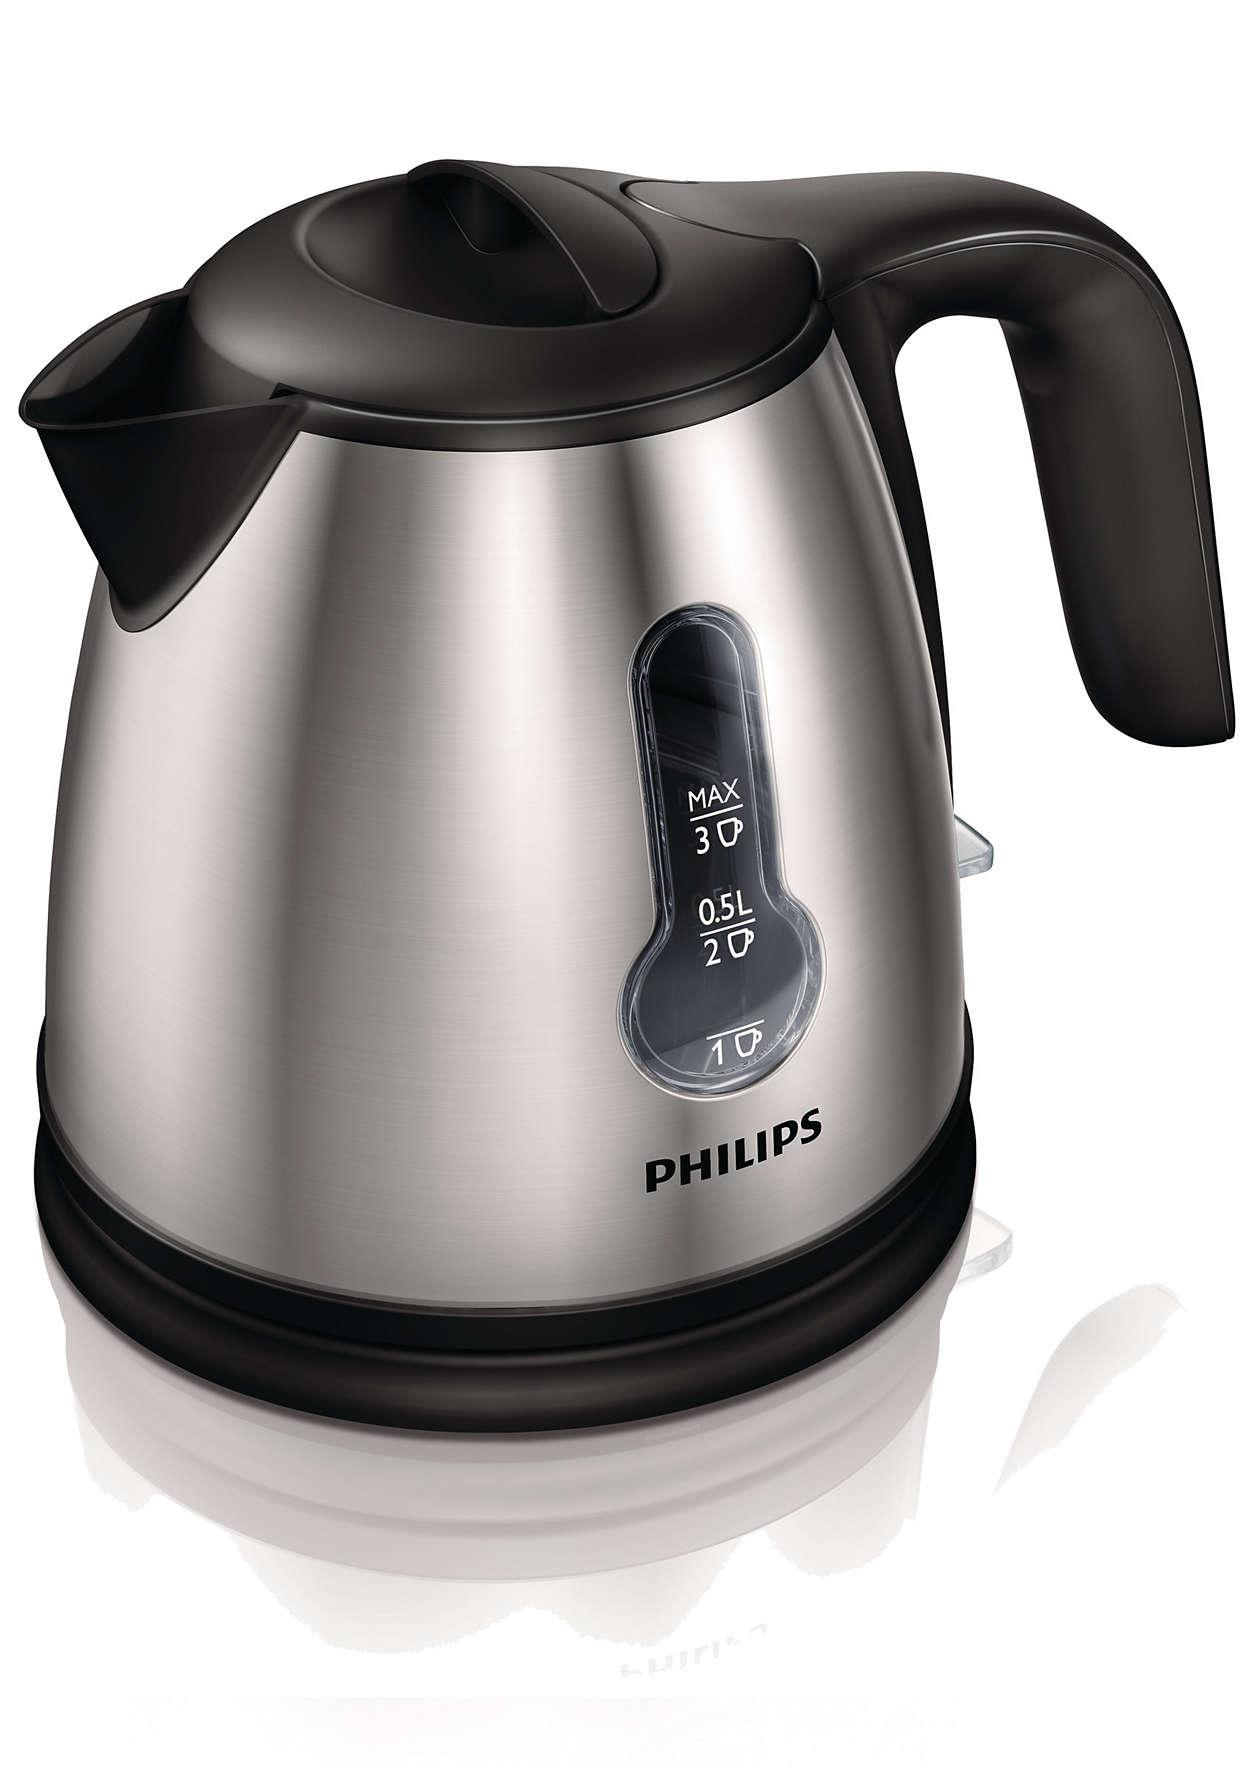 Acheter le philips mini bouilloire hd4618 20 for Calculer la puissance necessaire pour chauffer une piece